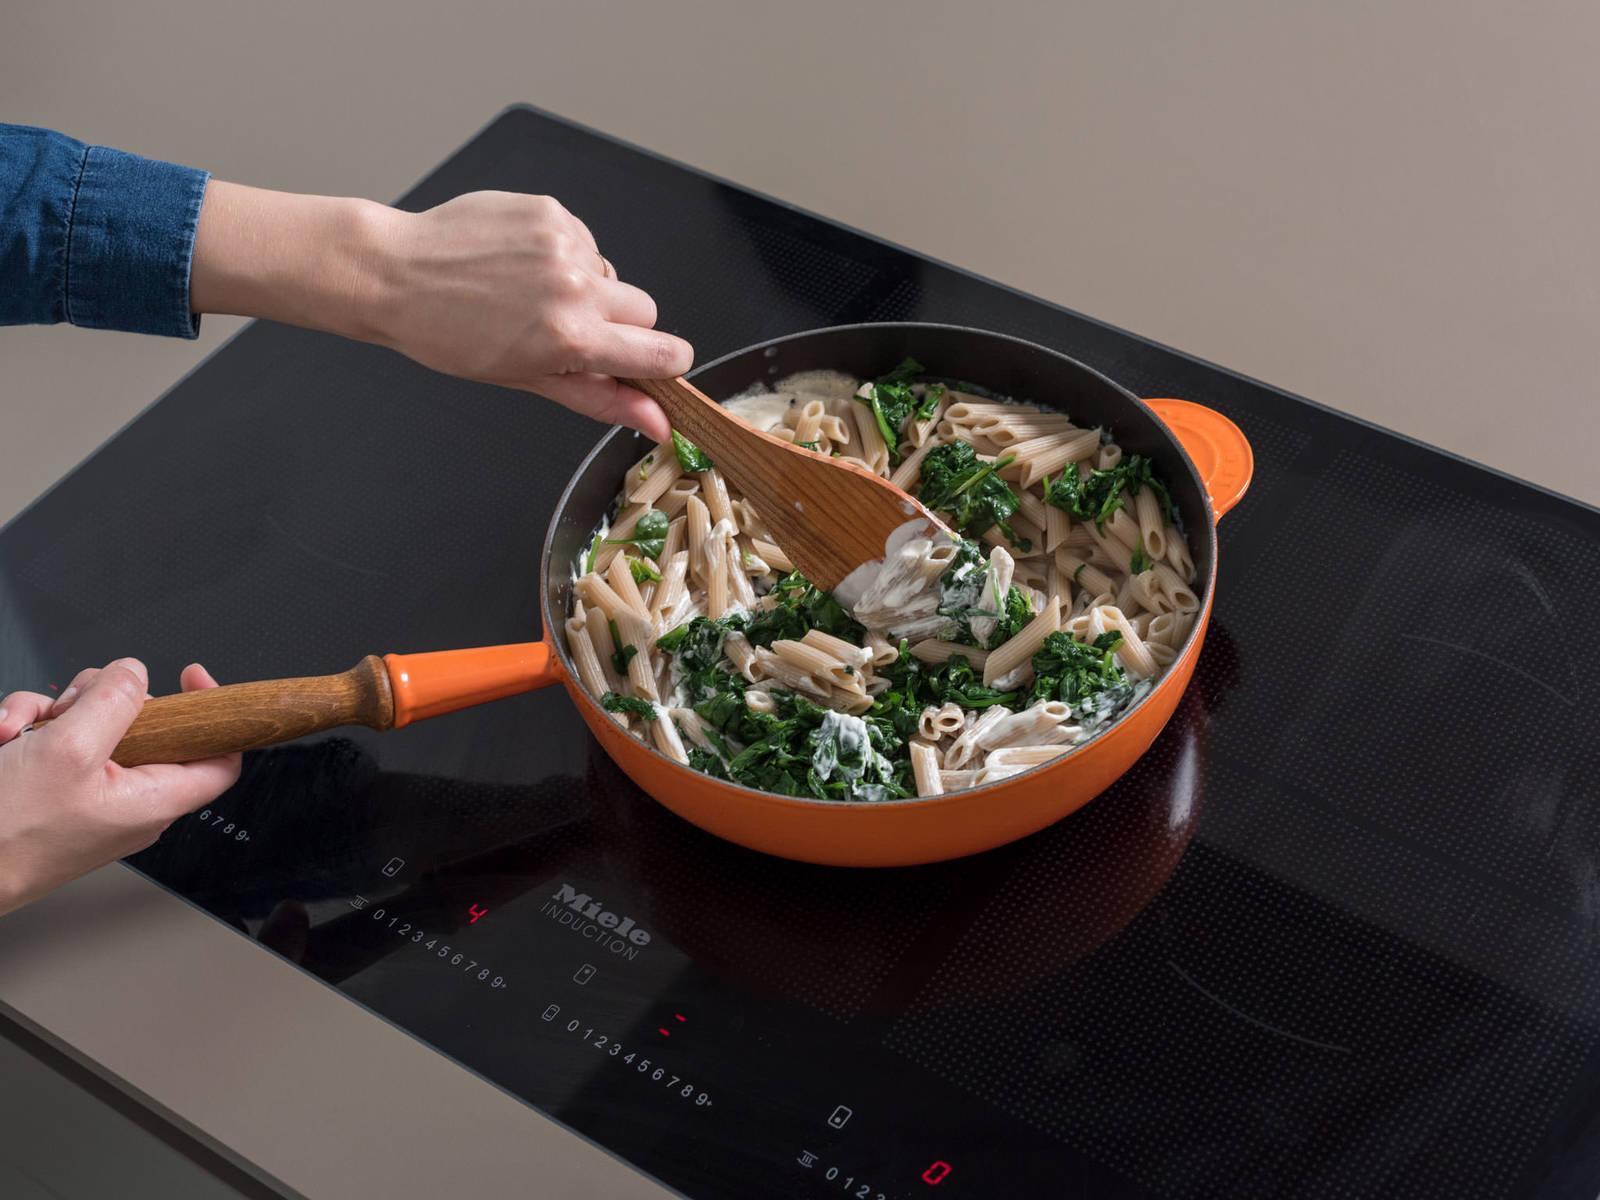 将菠菜和通心粉放到煎锅中,一同搅拌。加入几汤匙留好的煮面水,将汤汁调节至适合的稠度。撒盐与胡椒调味,撒上烤好的松子末、更多山羊芝士块和帕马森干酪。尽情享用吧!